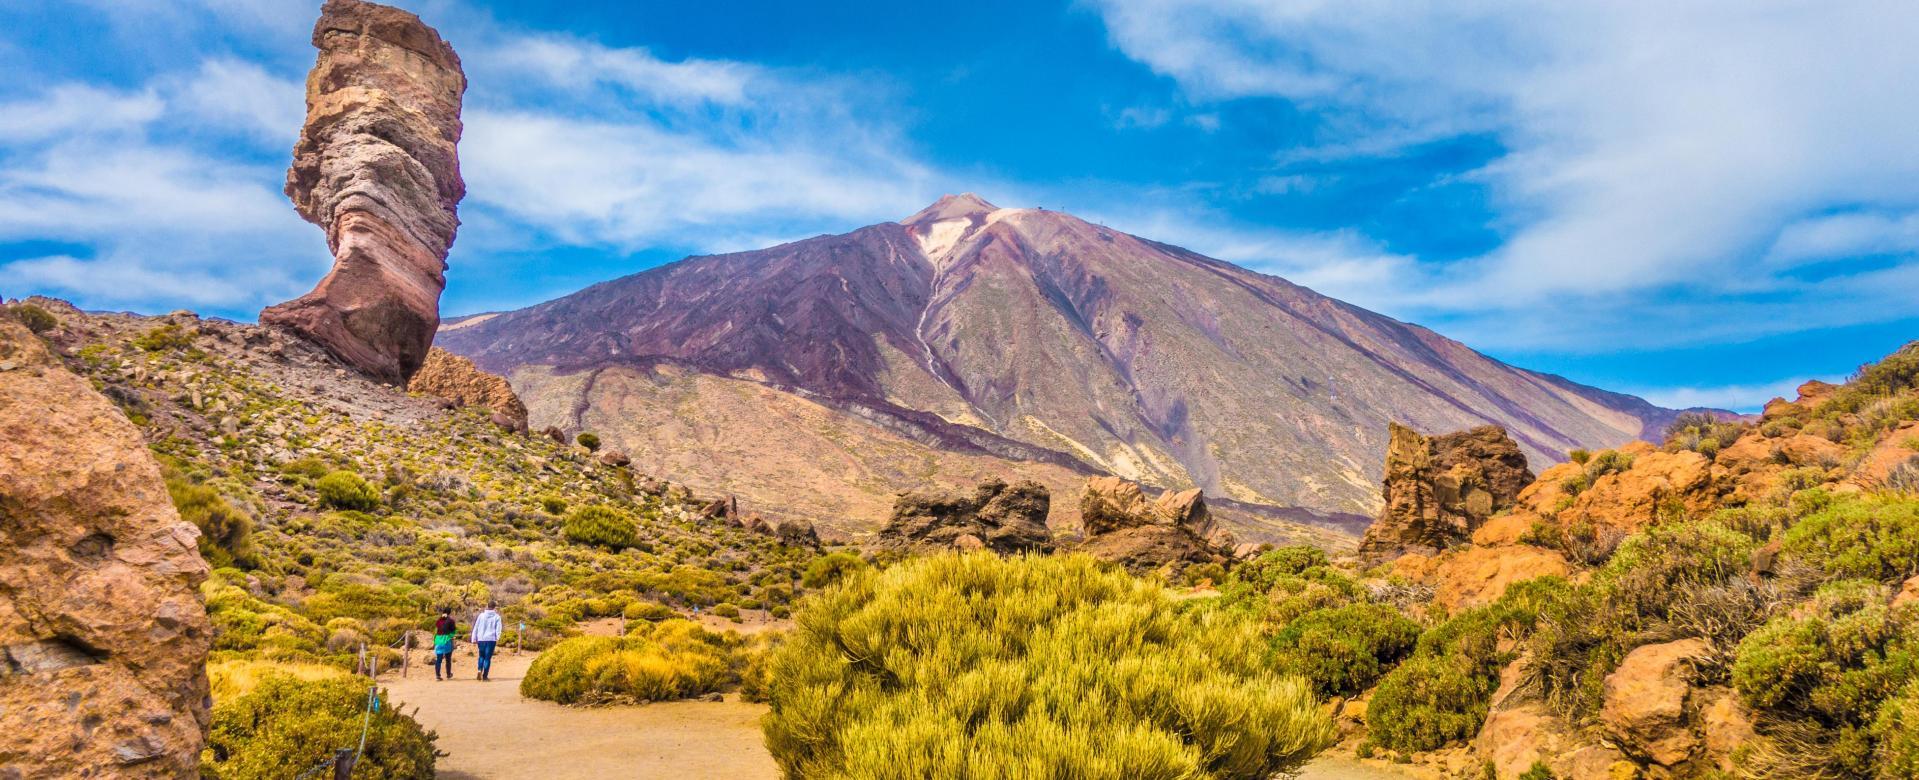 Voyage à pied : Tenerife, l'éternel printemps